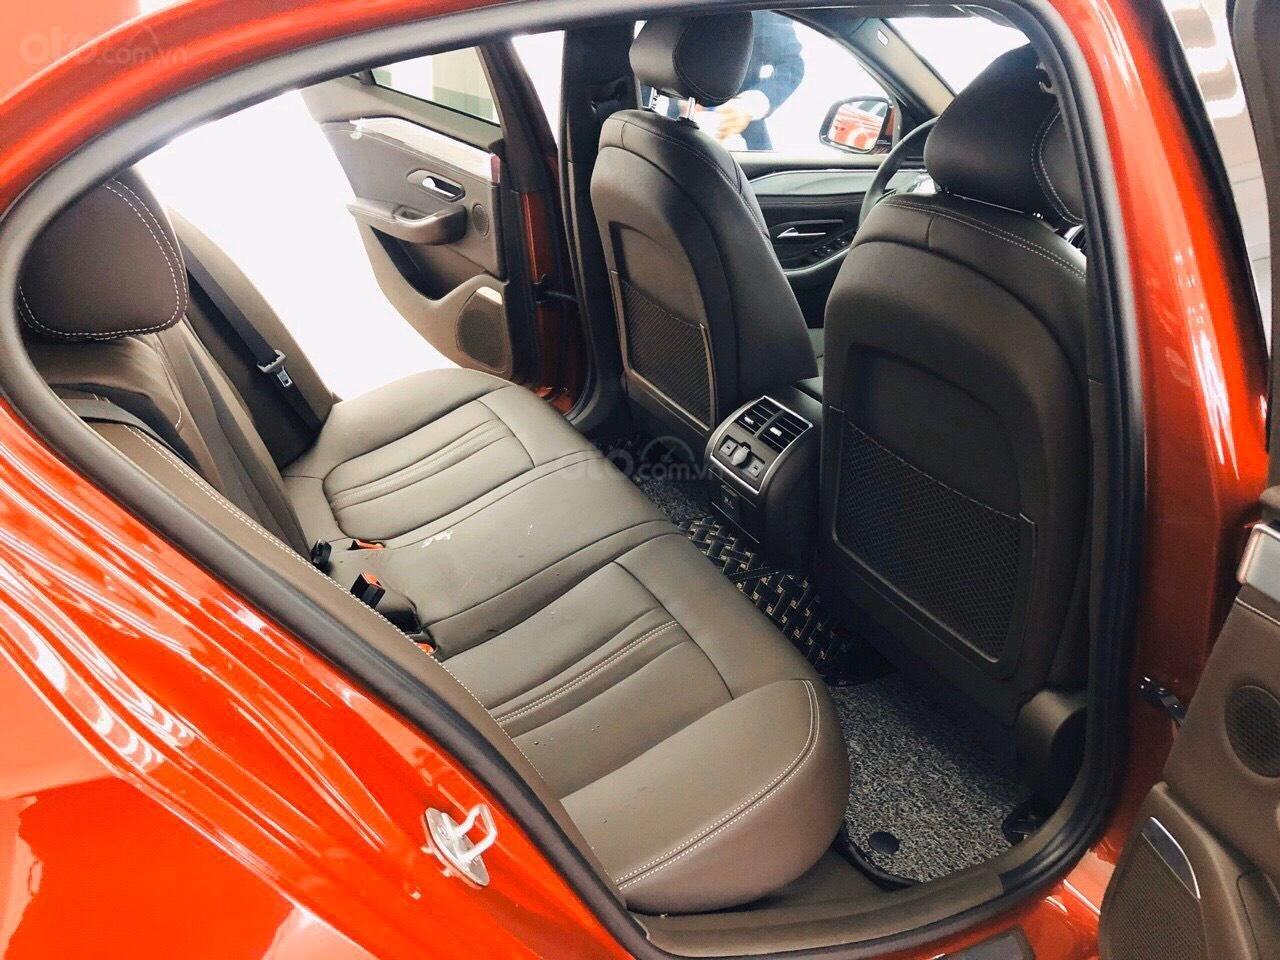 Bán VinFast LUX A2.0 sang chảnh với nhiều ưu đãi tháng 1, đủ màu, giao xe ngay, hỗ trợ 100% phí trước bạ (4)